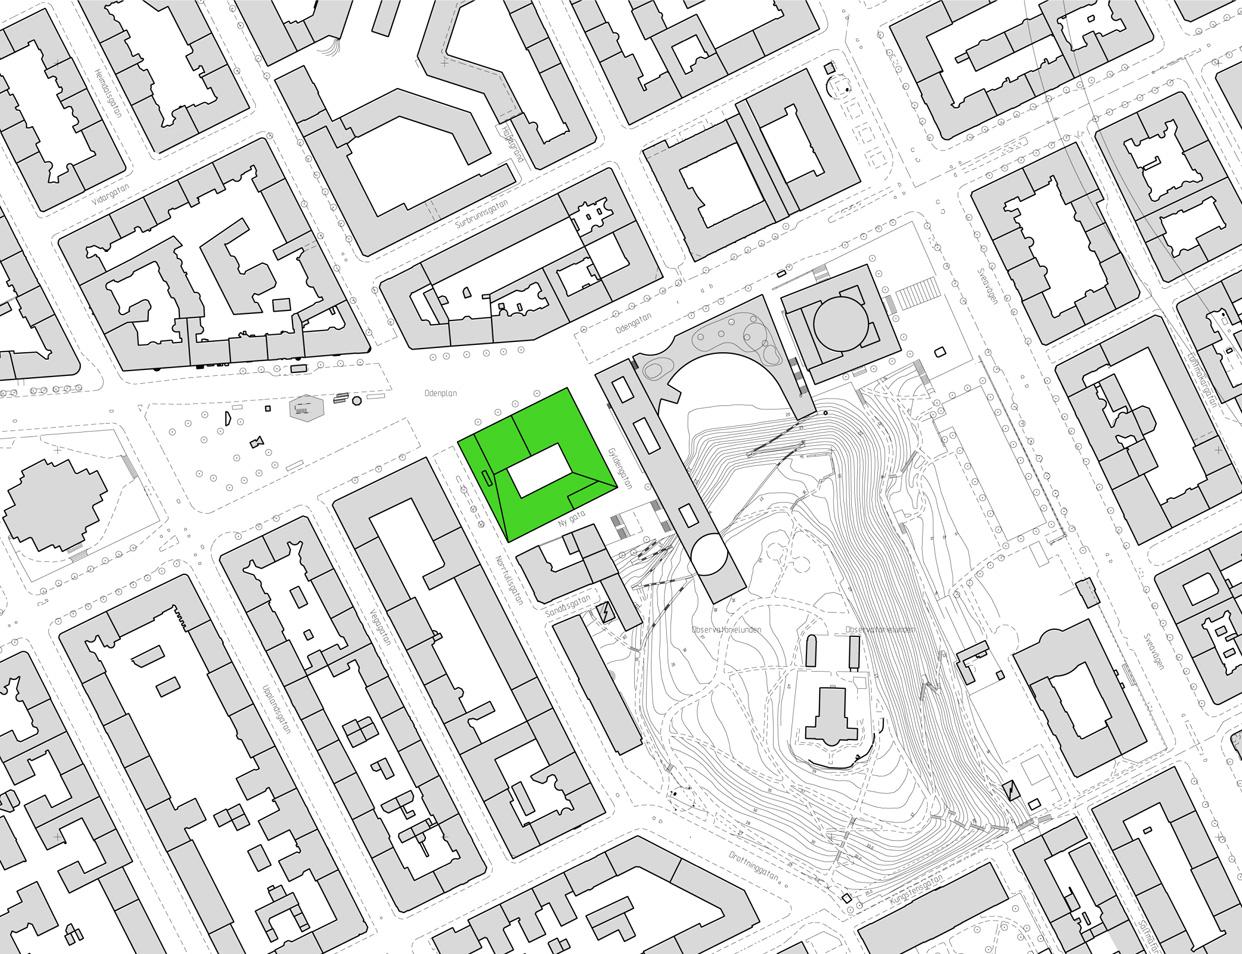 Mosaik_odenplan_stockholm_kontor_sitplan_varg_arkitekter